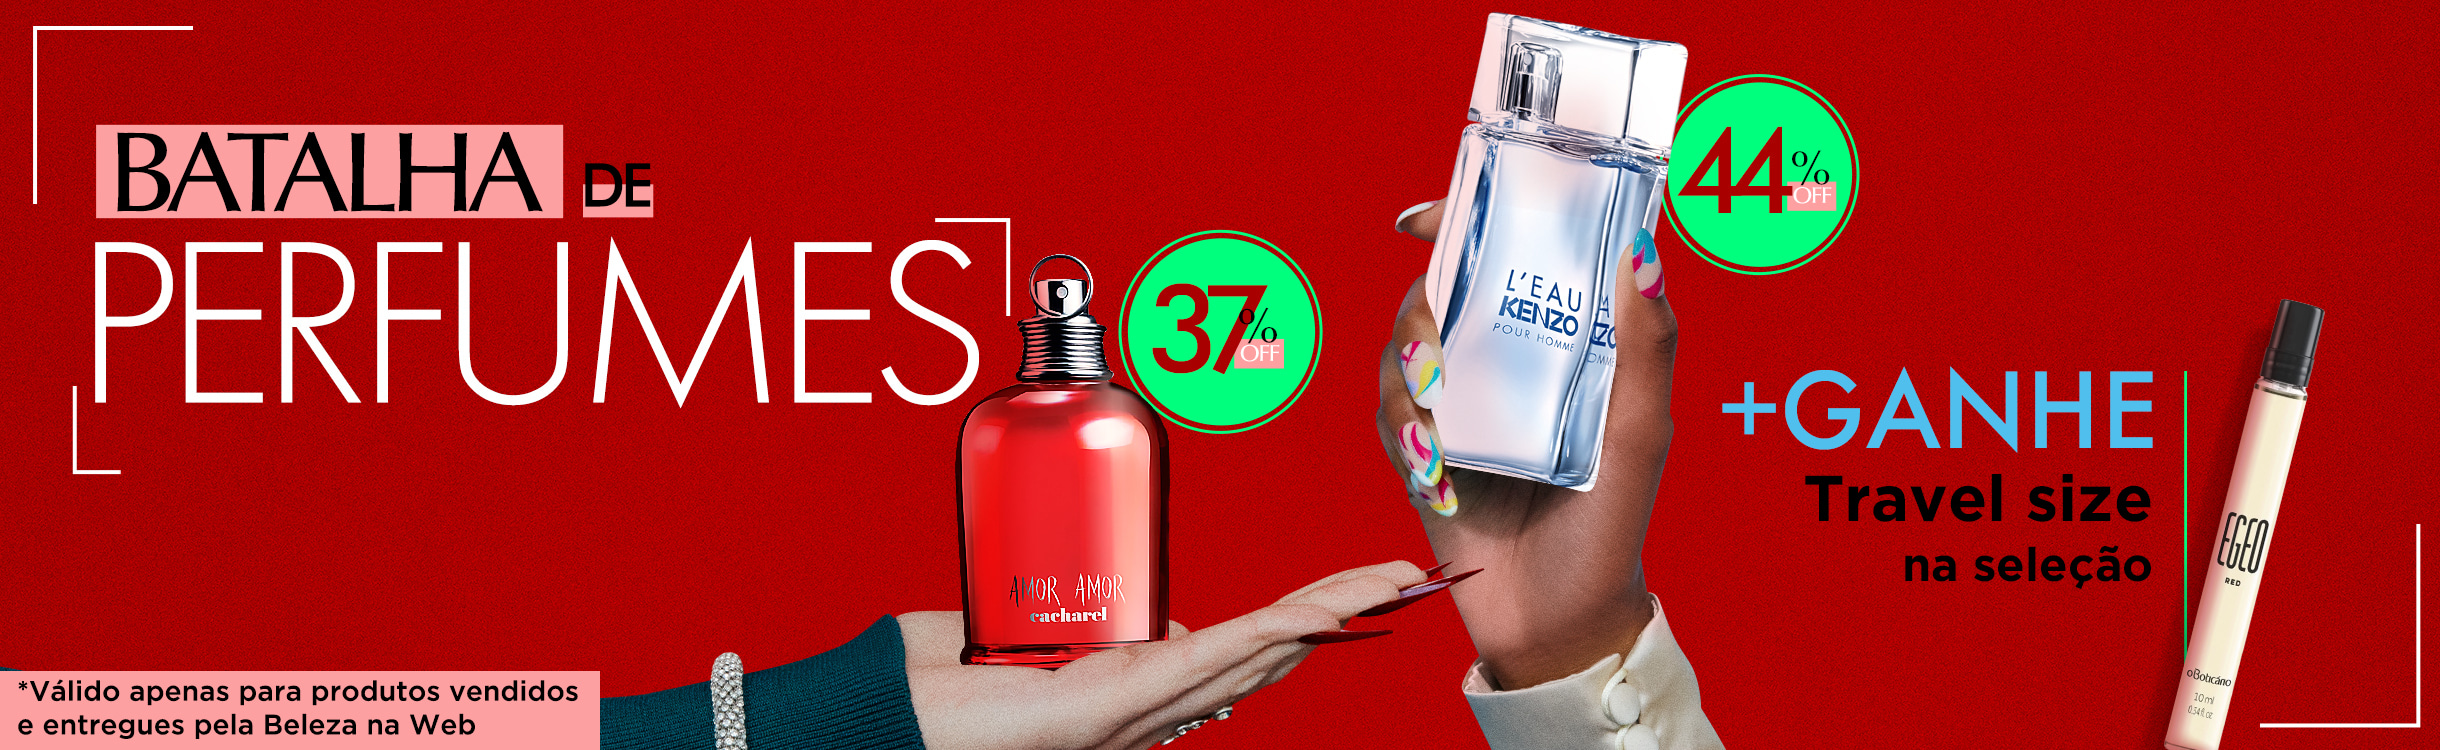 Escolha o Seu Perfumes e Perfumaria | Desejos de Beleza